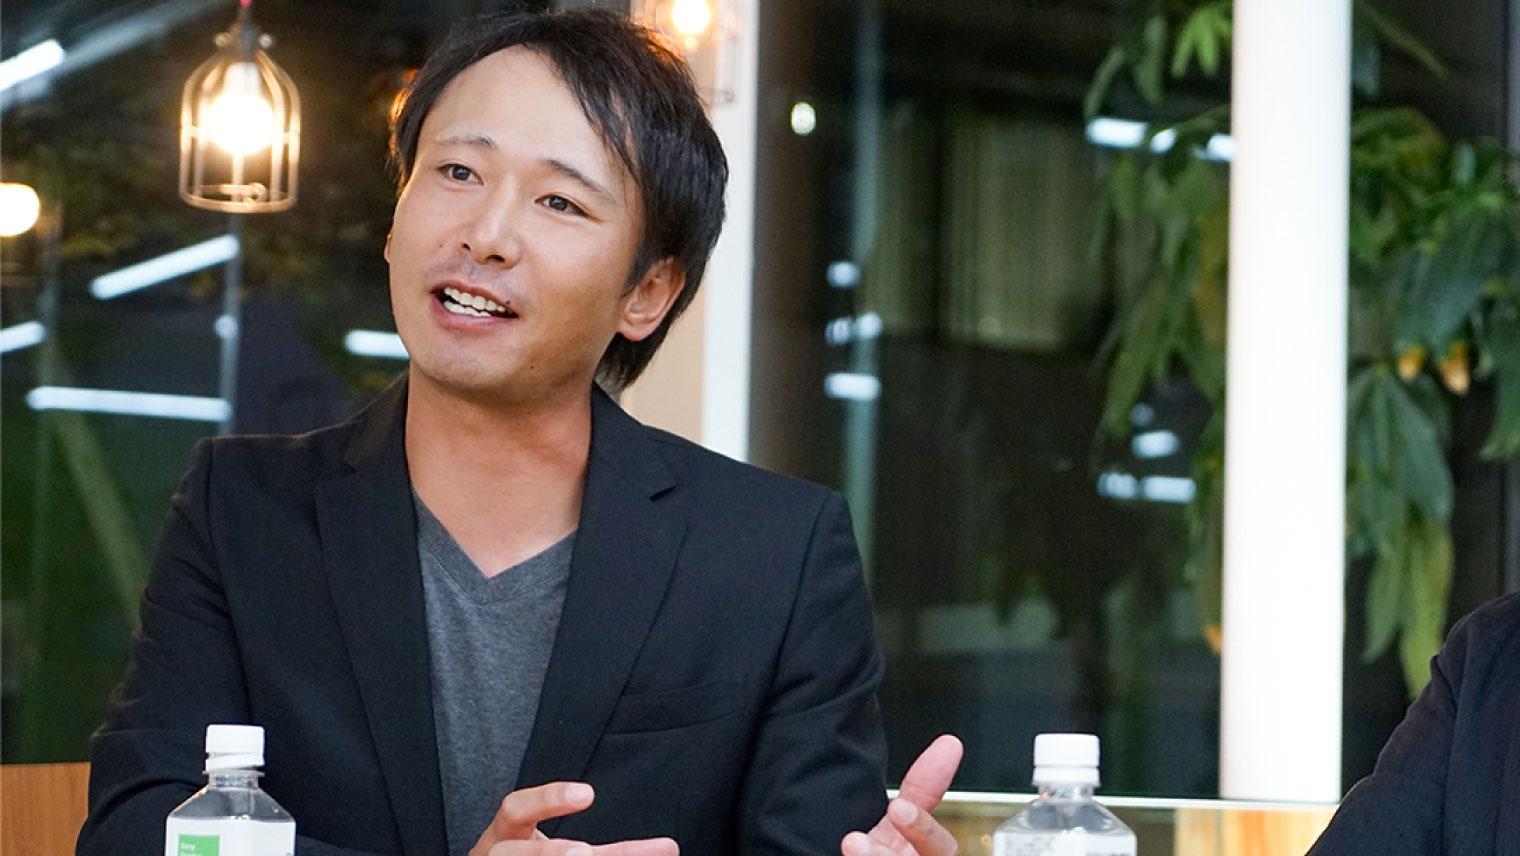 小澤勇人 ソニー株式会社 Open Innovation & Collaboration部